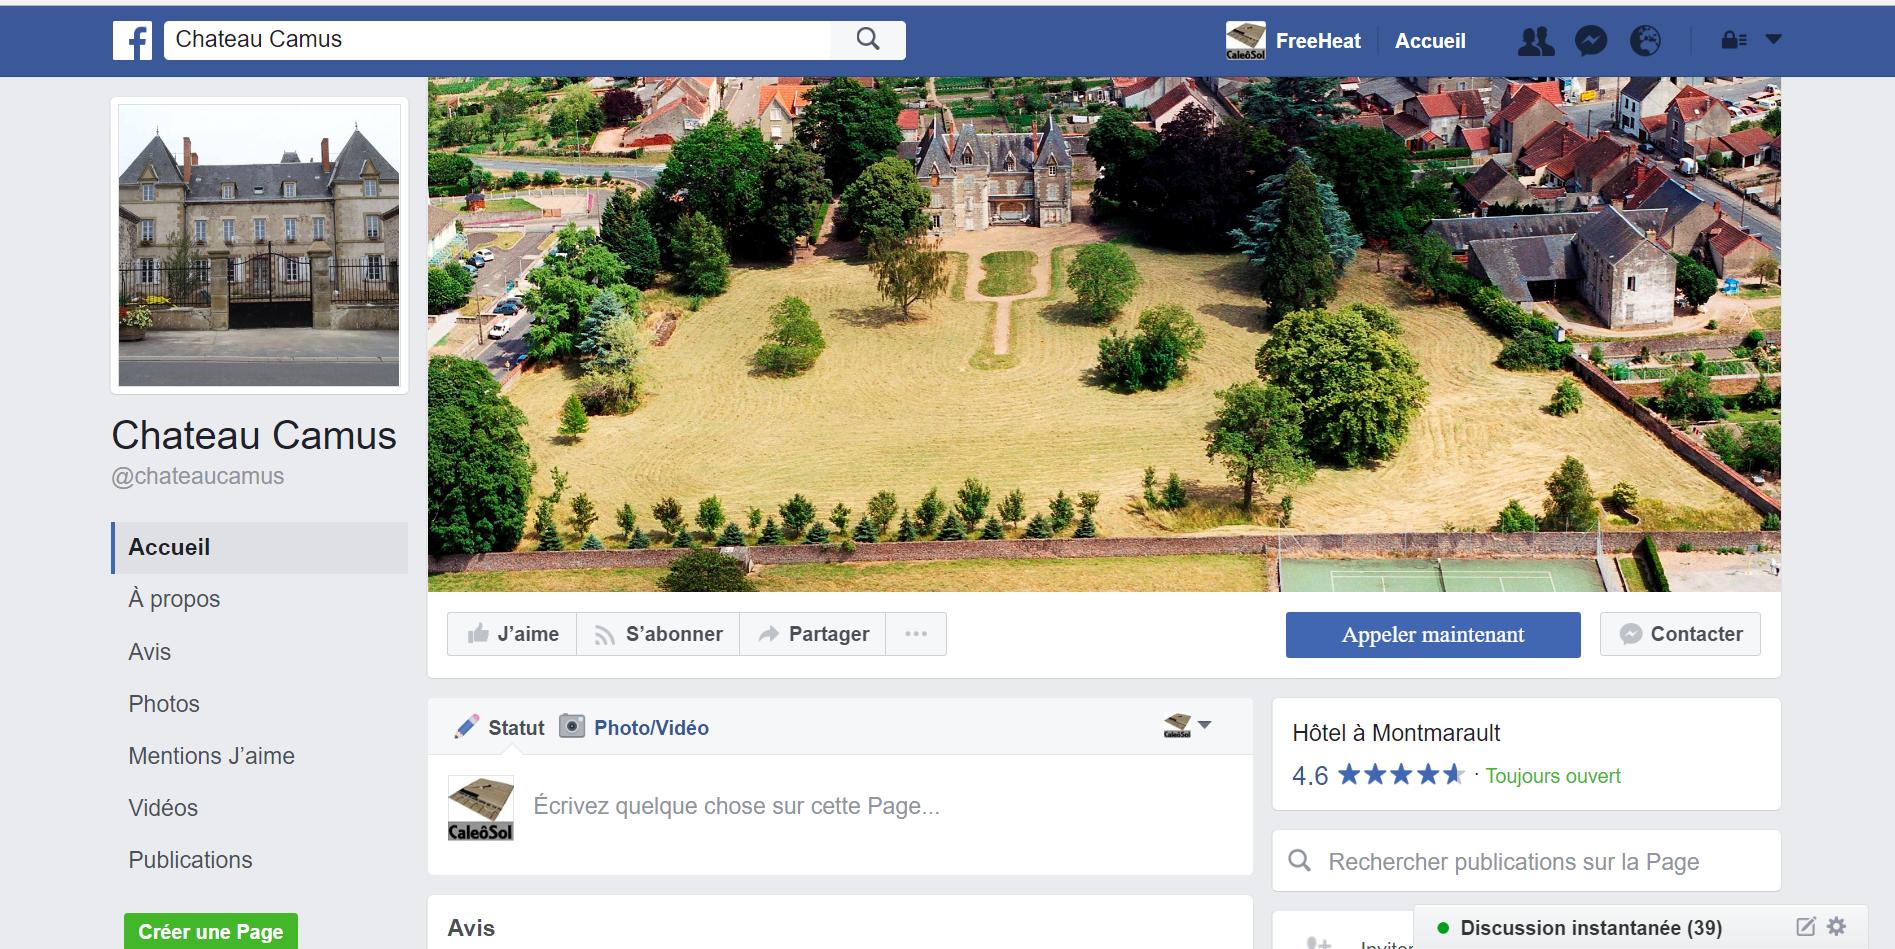 le plafond chauffant rénovation chateau Camus sur Facebook